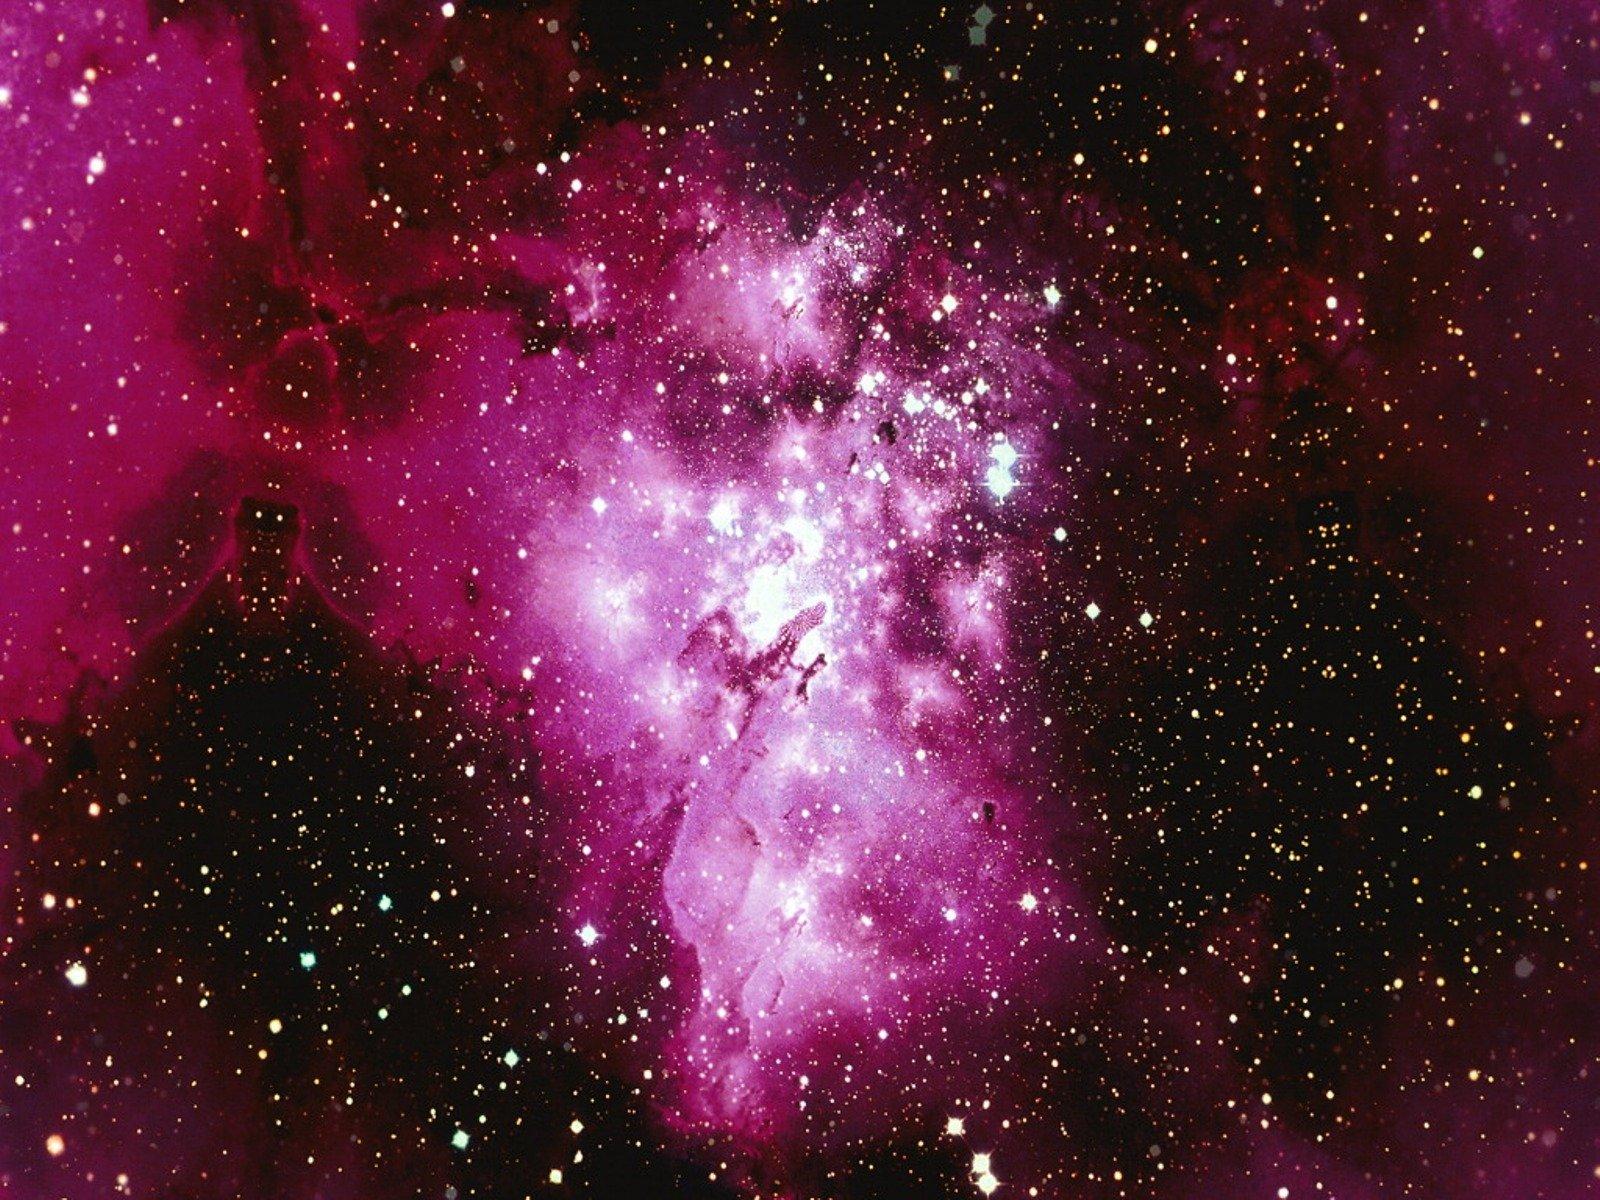 Картинки для распечатки фон космос